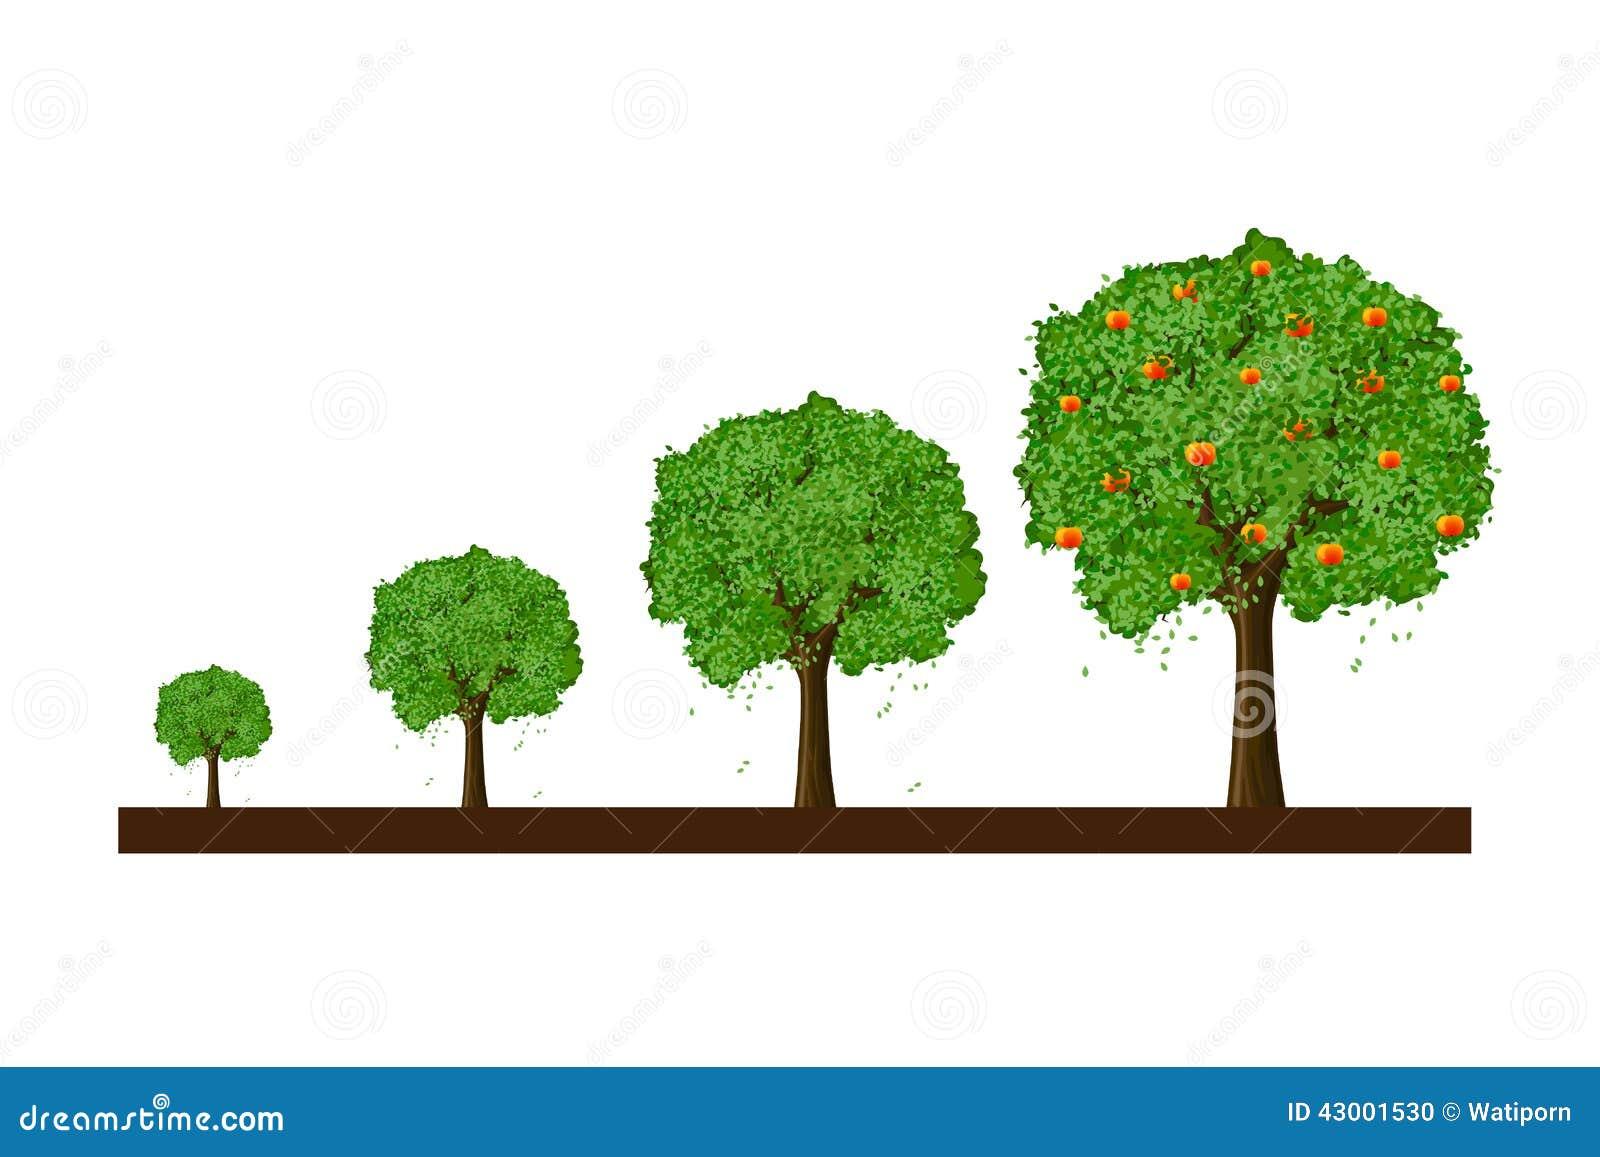 croissance d 39 arbre illustration stock illustration du dessin 43001530. Black Bedroom Furniture Sets. Home Design Ideas